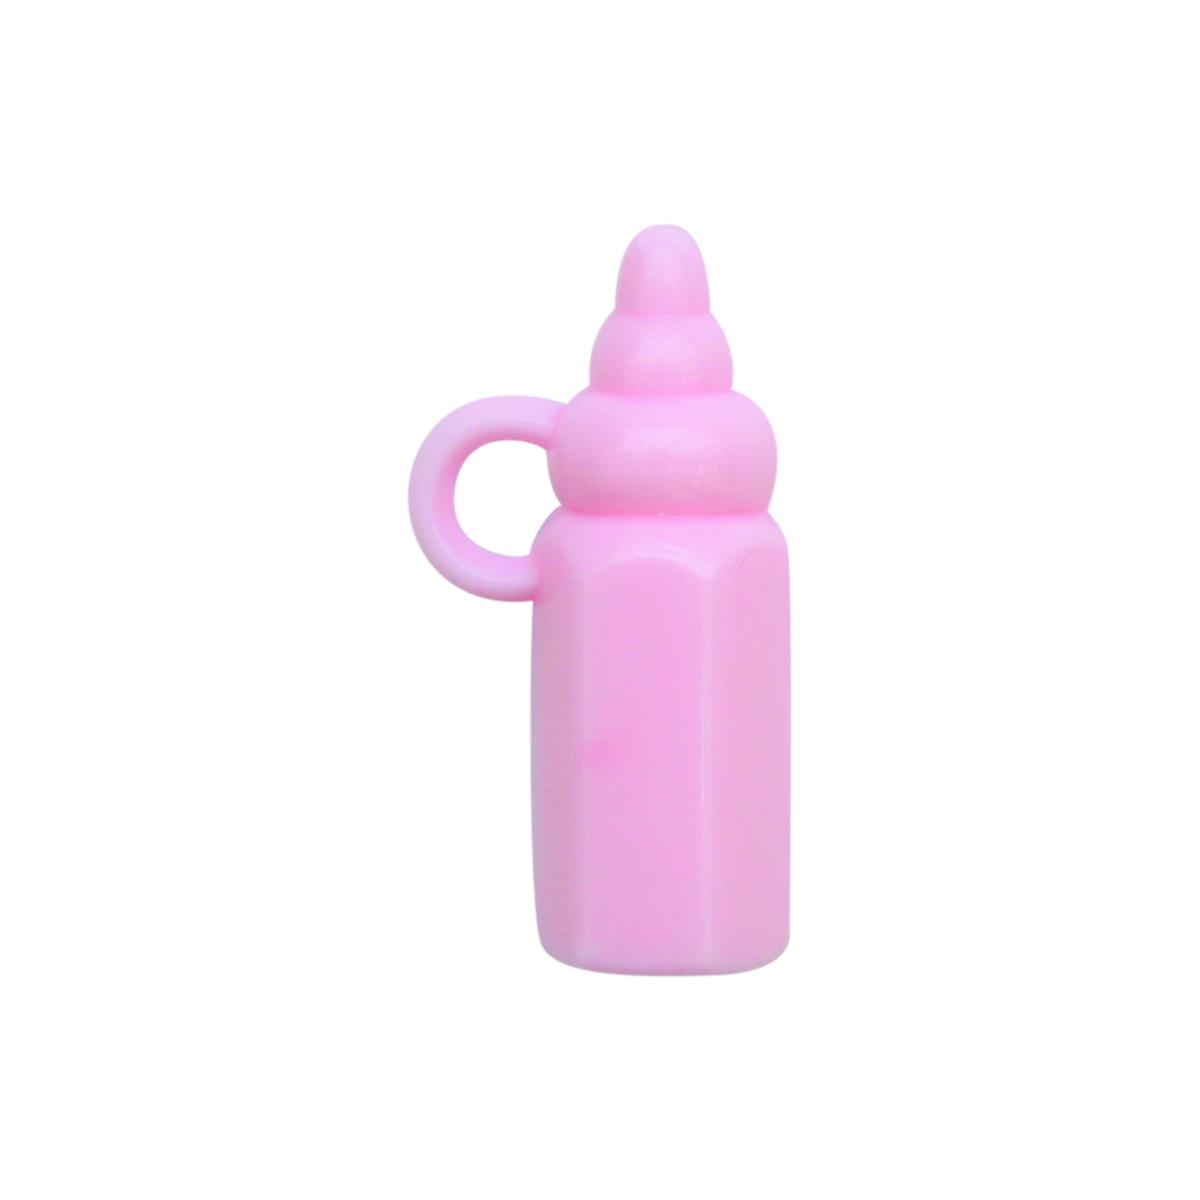 Декоративный элемент Lan Jing Ling Бутылочка, цвет: розовый, 6 шт580792_ розовыйМиниатюрные декоративные элементы, выполненные из пластика. Используются при создании авторских фотоальбомов, открыток и так далее. В упаковке 6 шт.